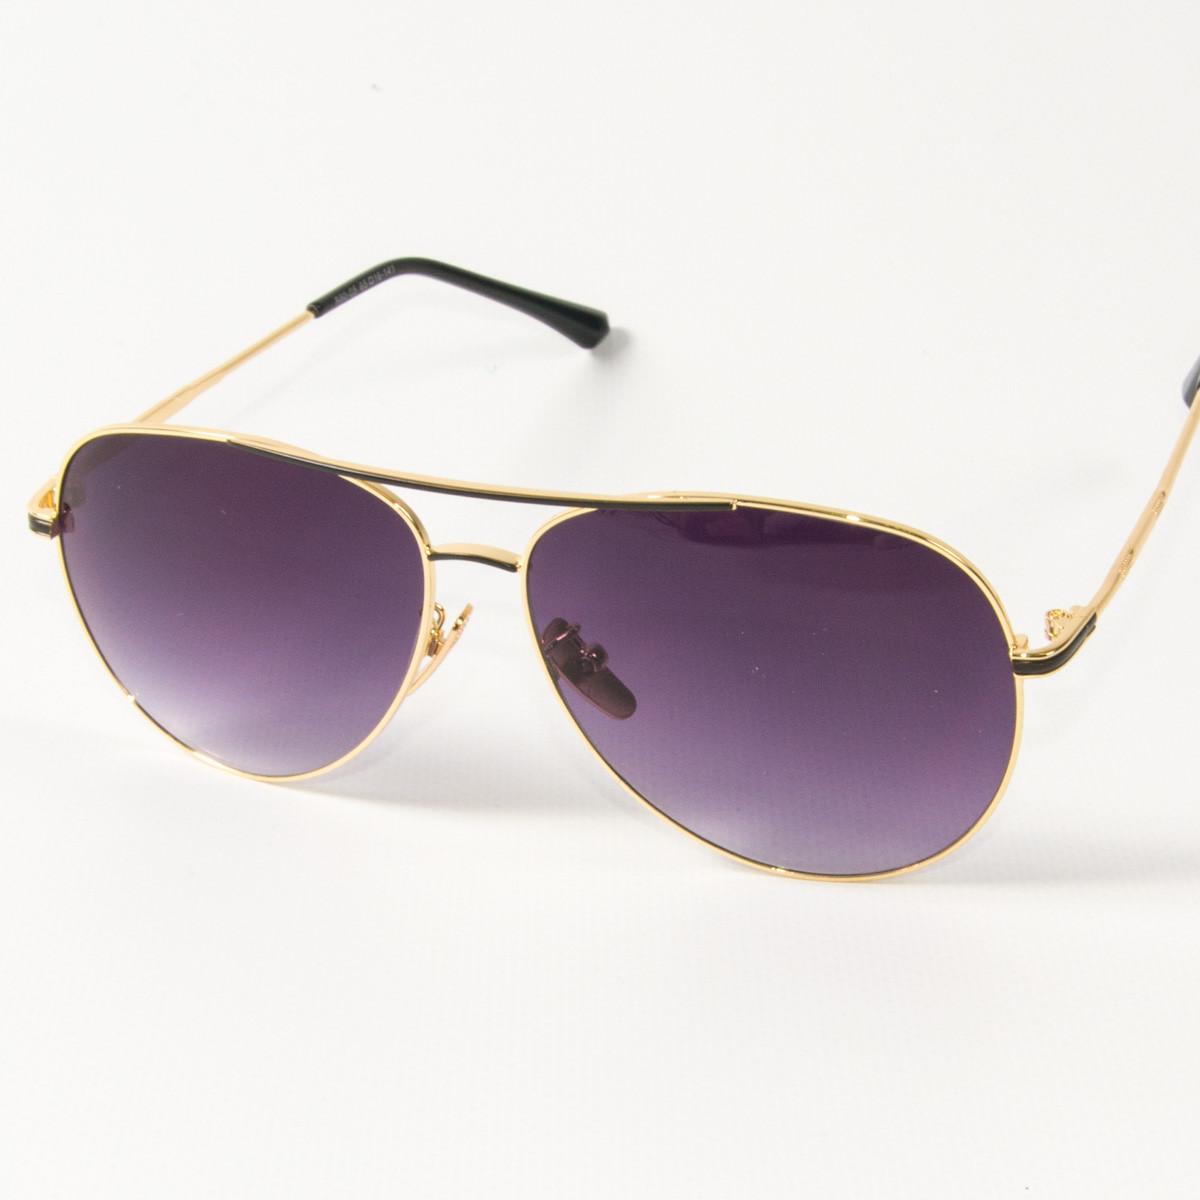 Оптом солнцезащитные очки авиаторы (арт. B80-05/5) фиолетовые